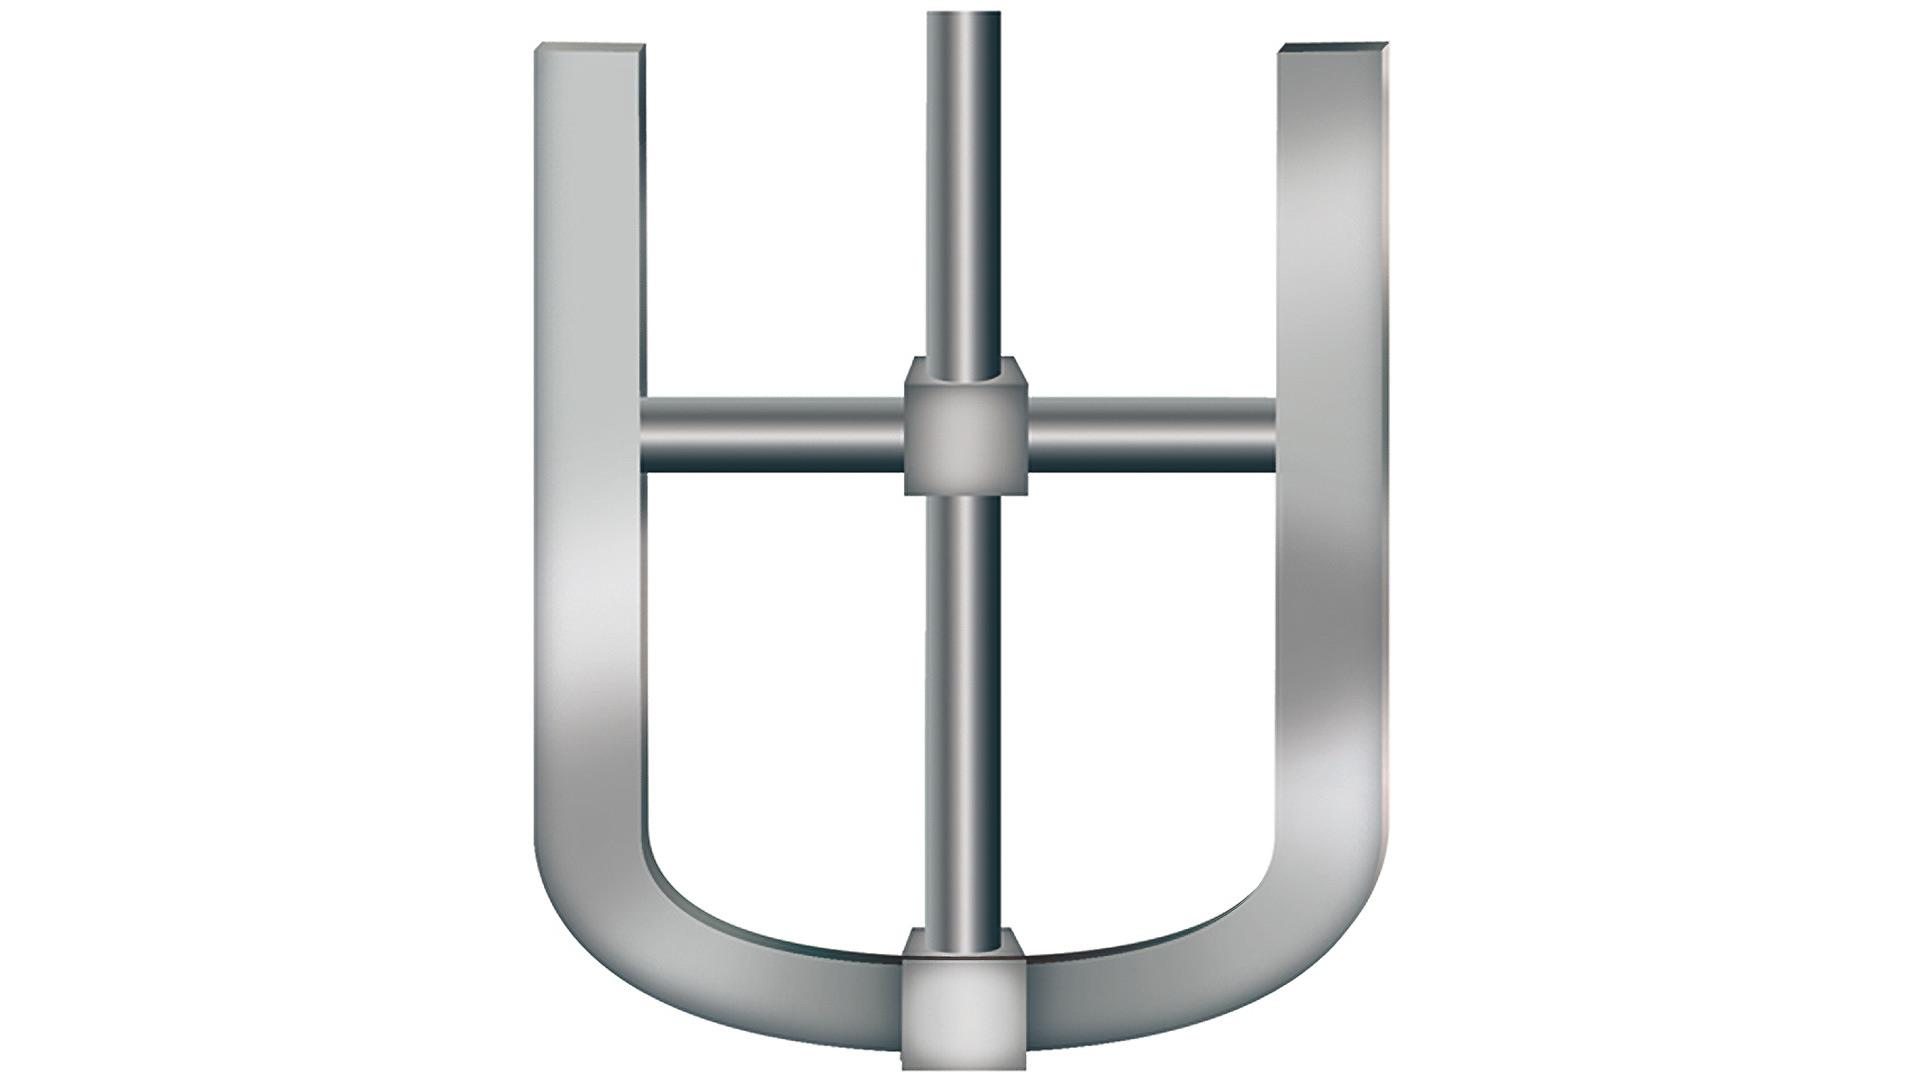 A render of an Anchor Impeller